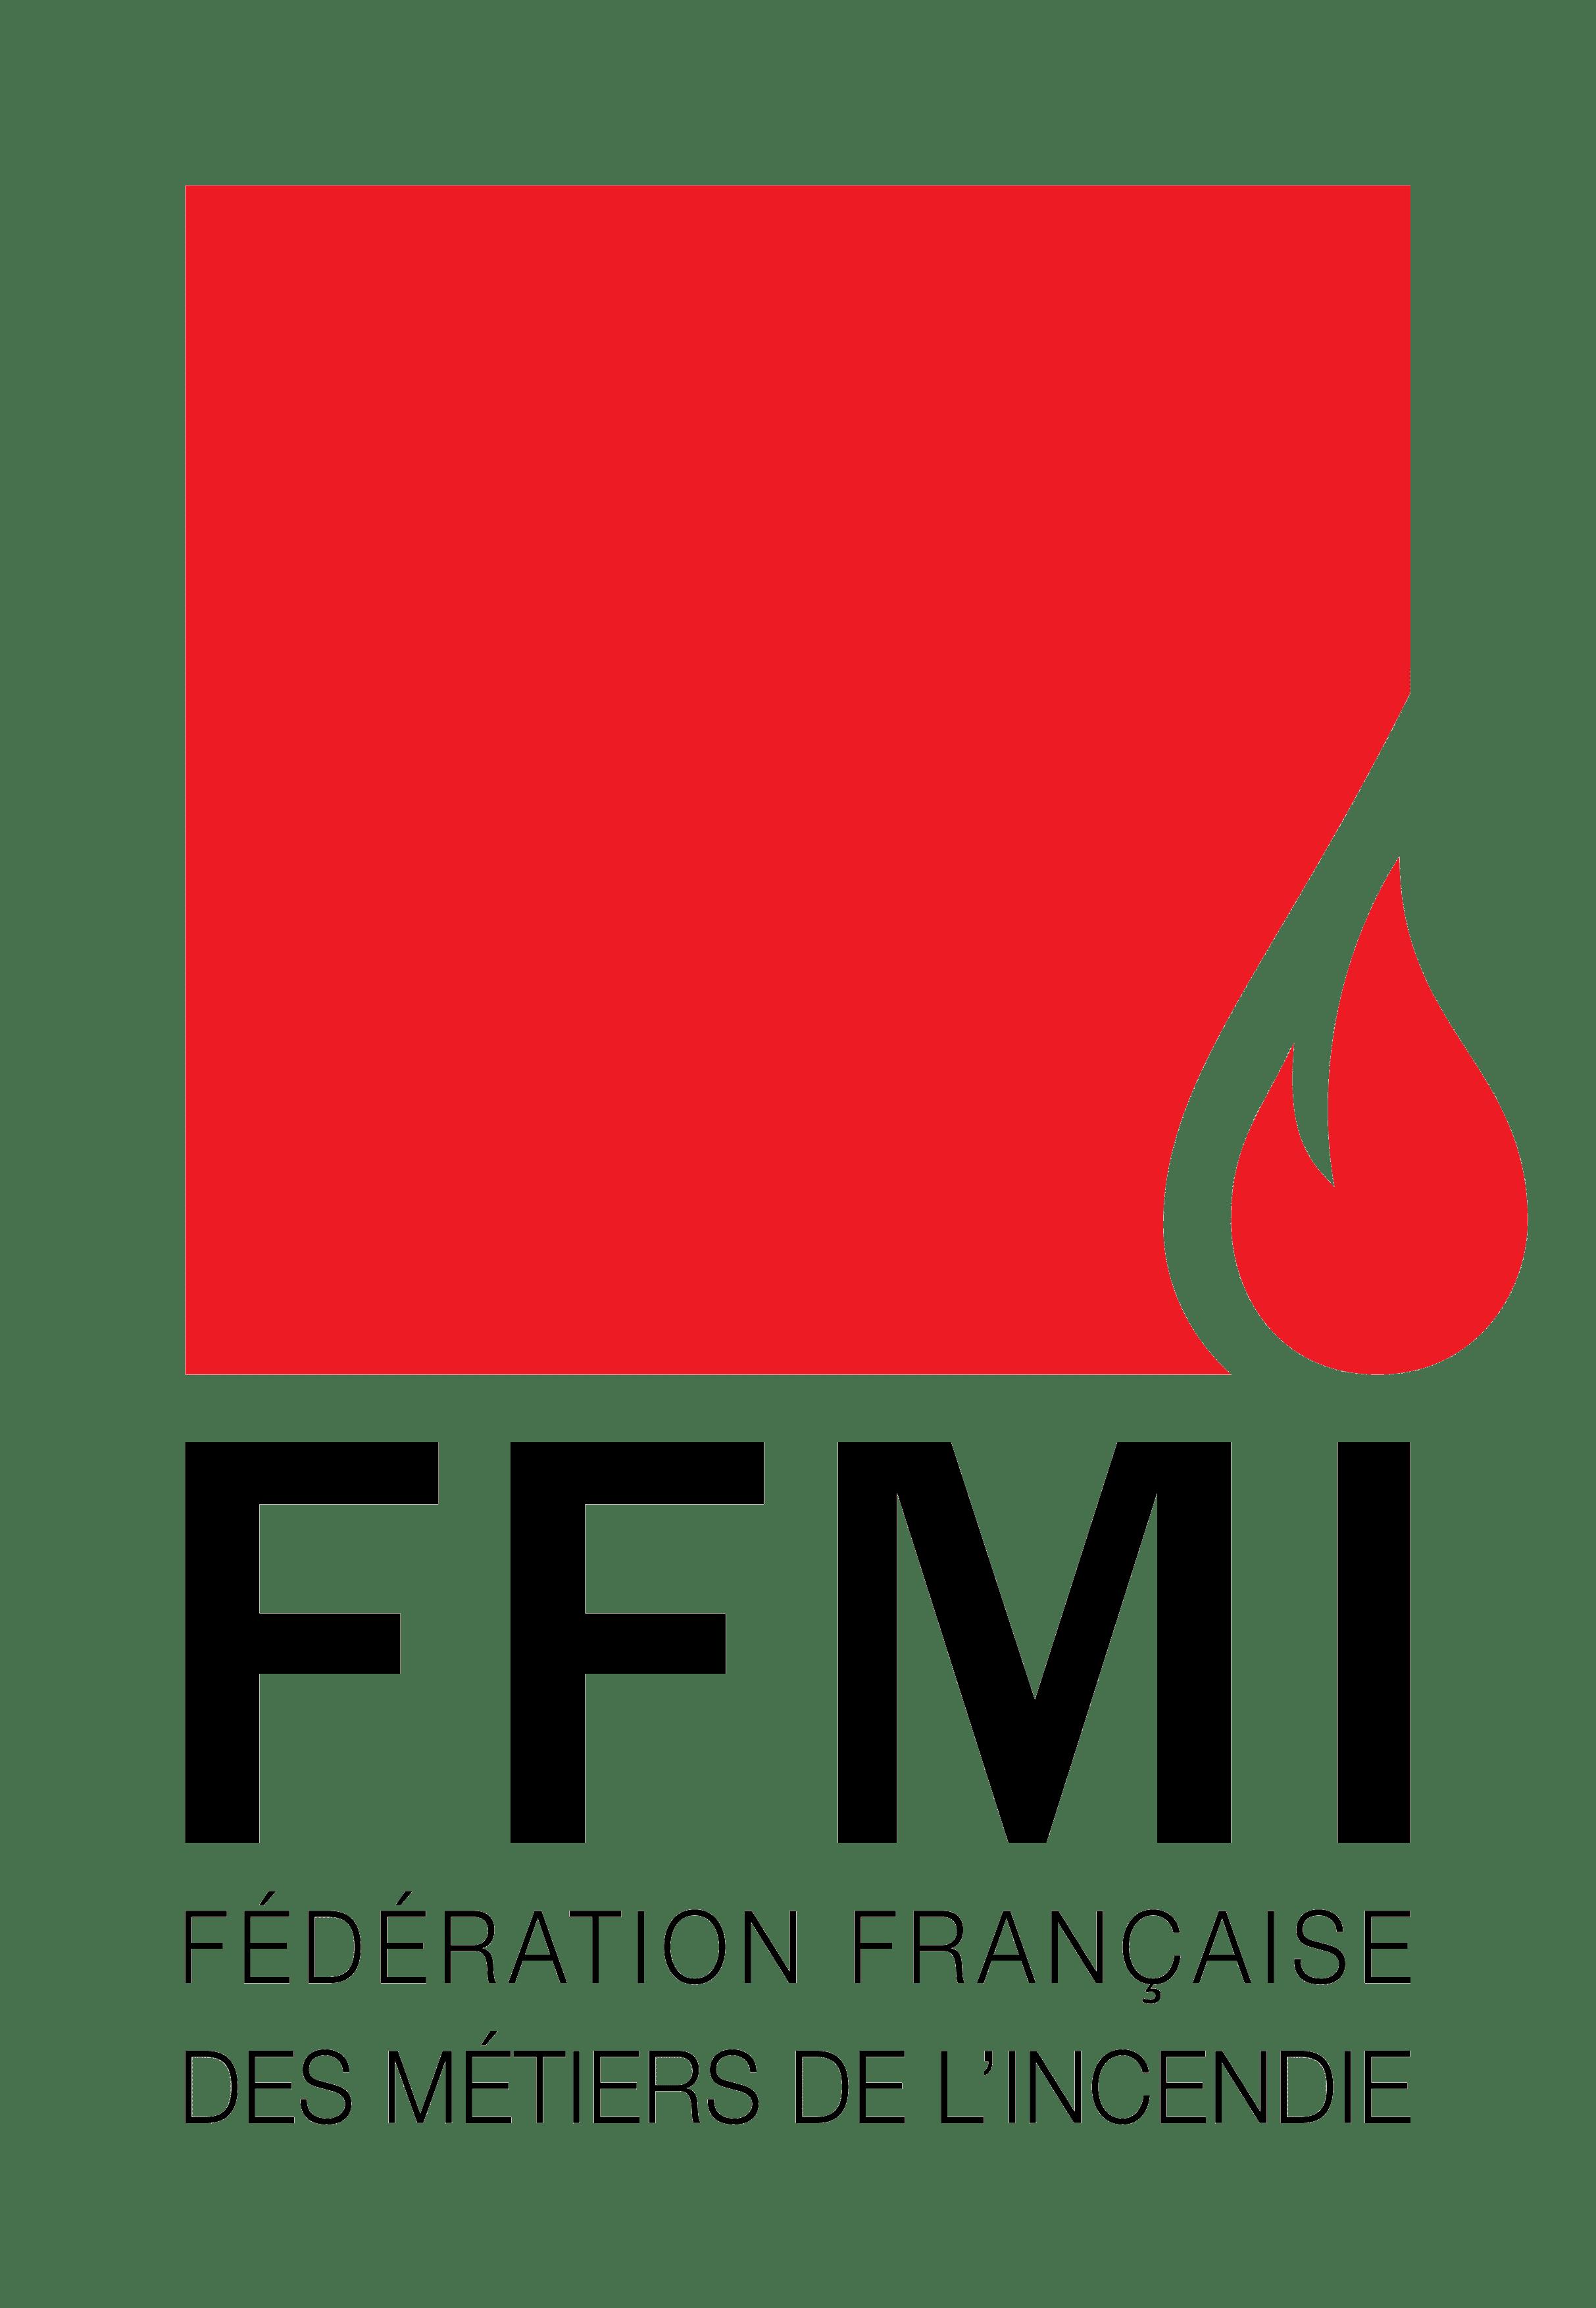 Logo FFMI